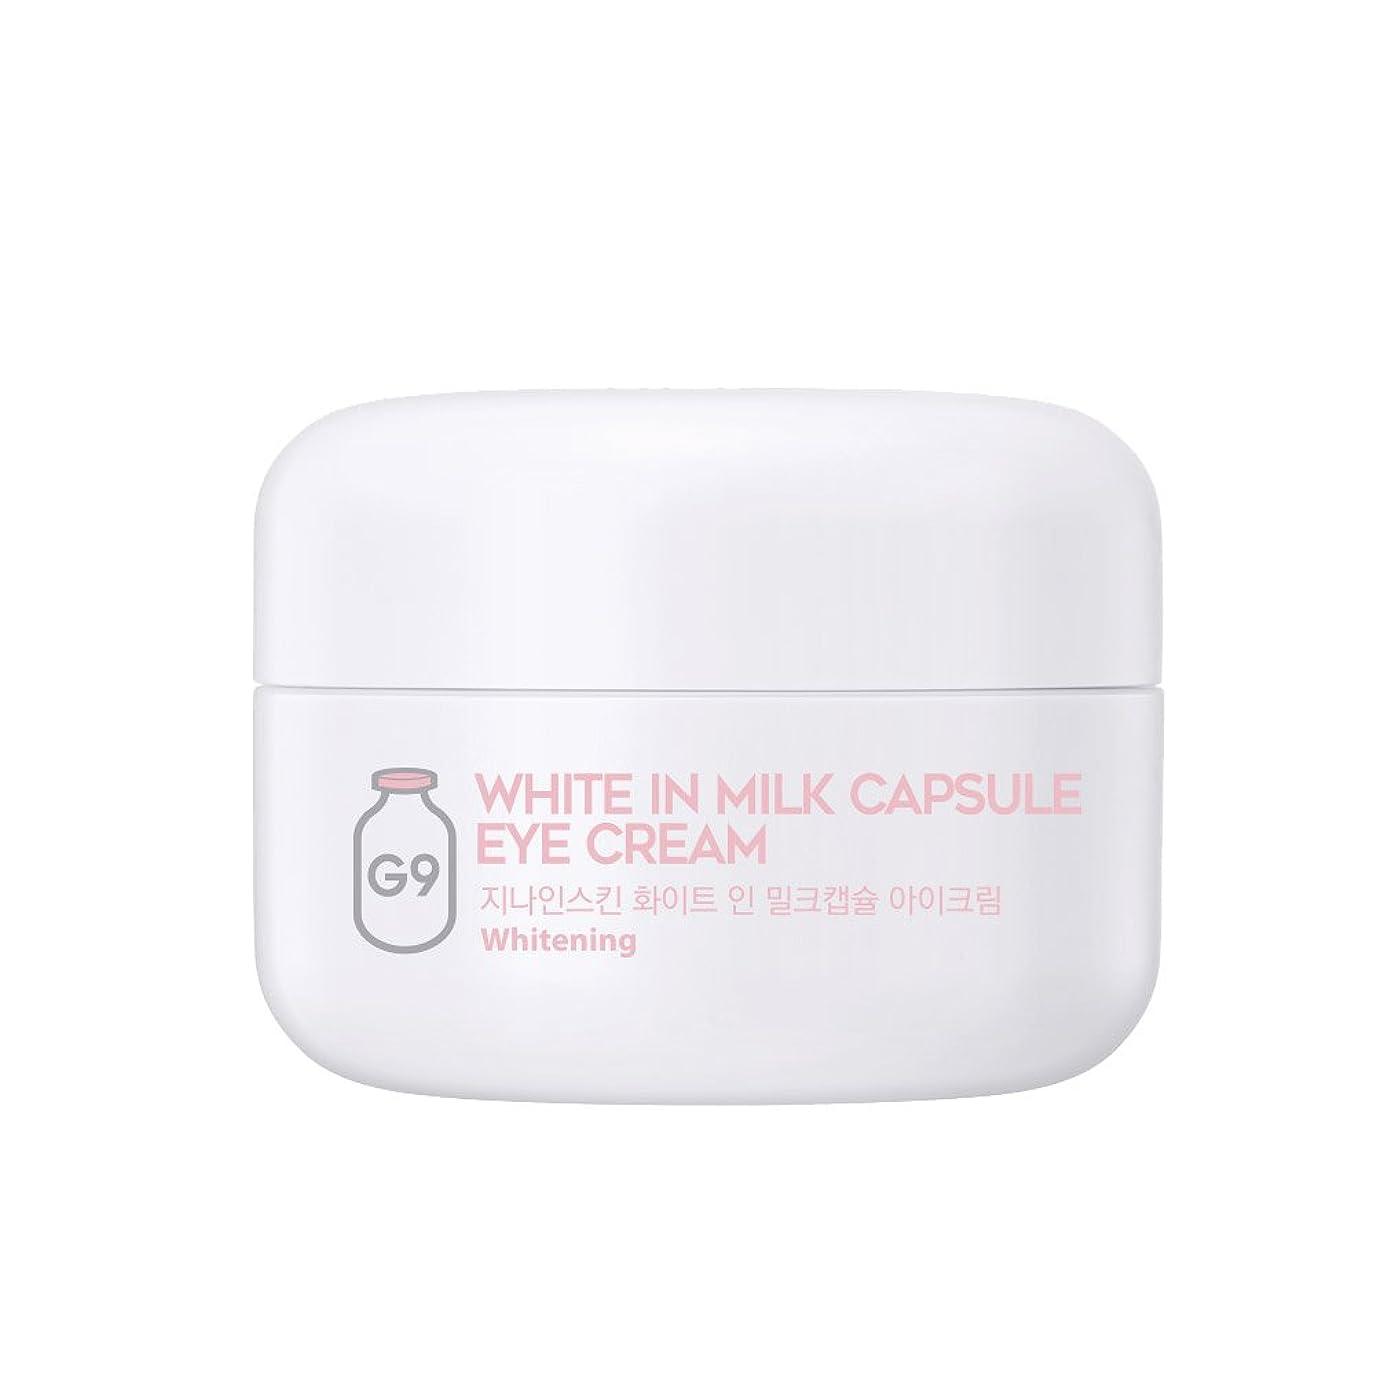 拒絶難民金銭的G9SKIN(ベリサム) White In Milk Capsule Eye Cream ホワイトインミルクカプセルアイクリーム 30g